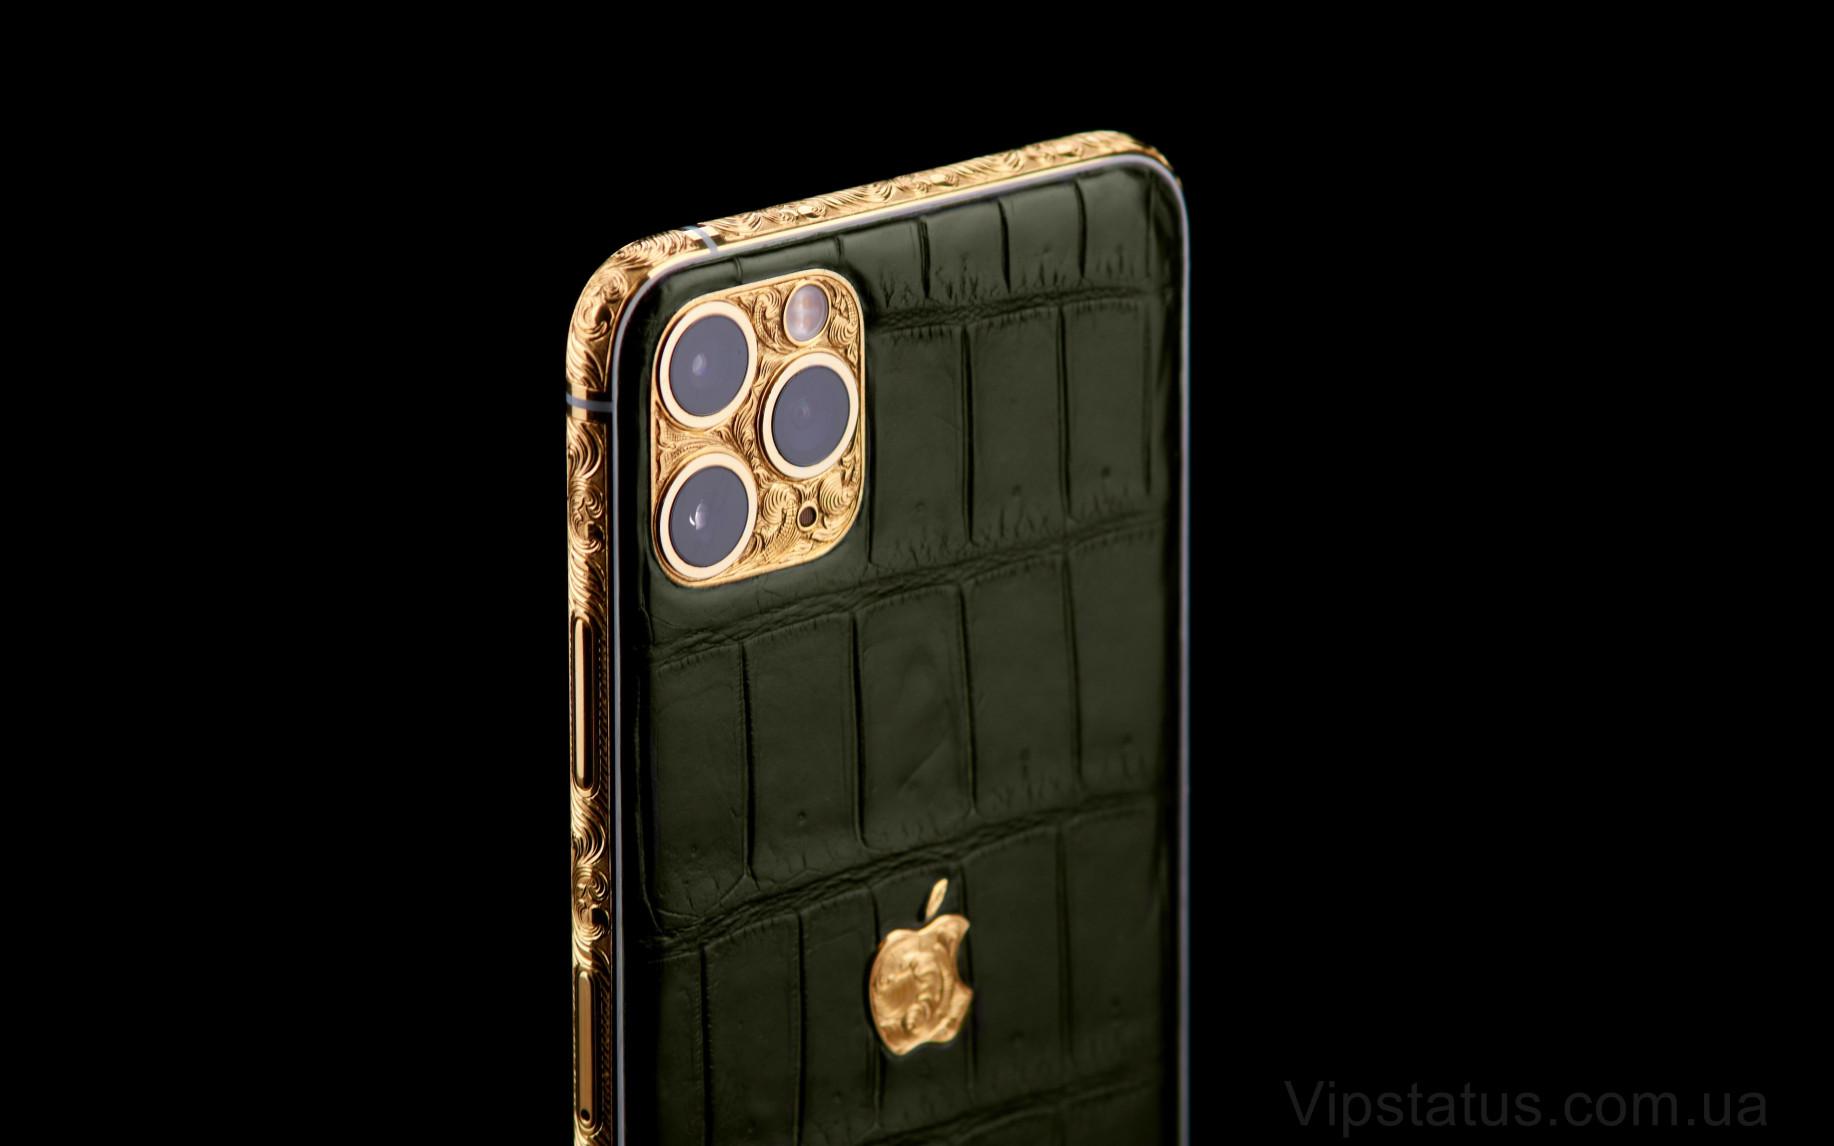 Elite Khaki IPHONE 11 PRO 512 GB Khaki IPHONE 11 PRO 512 GB image 2